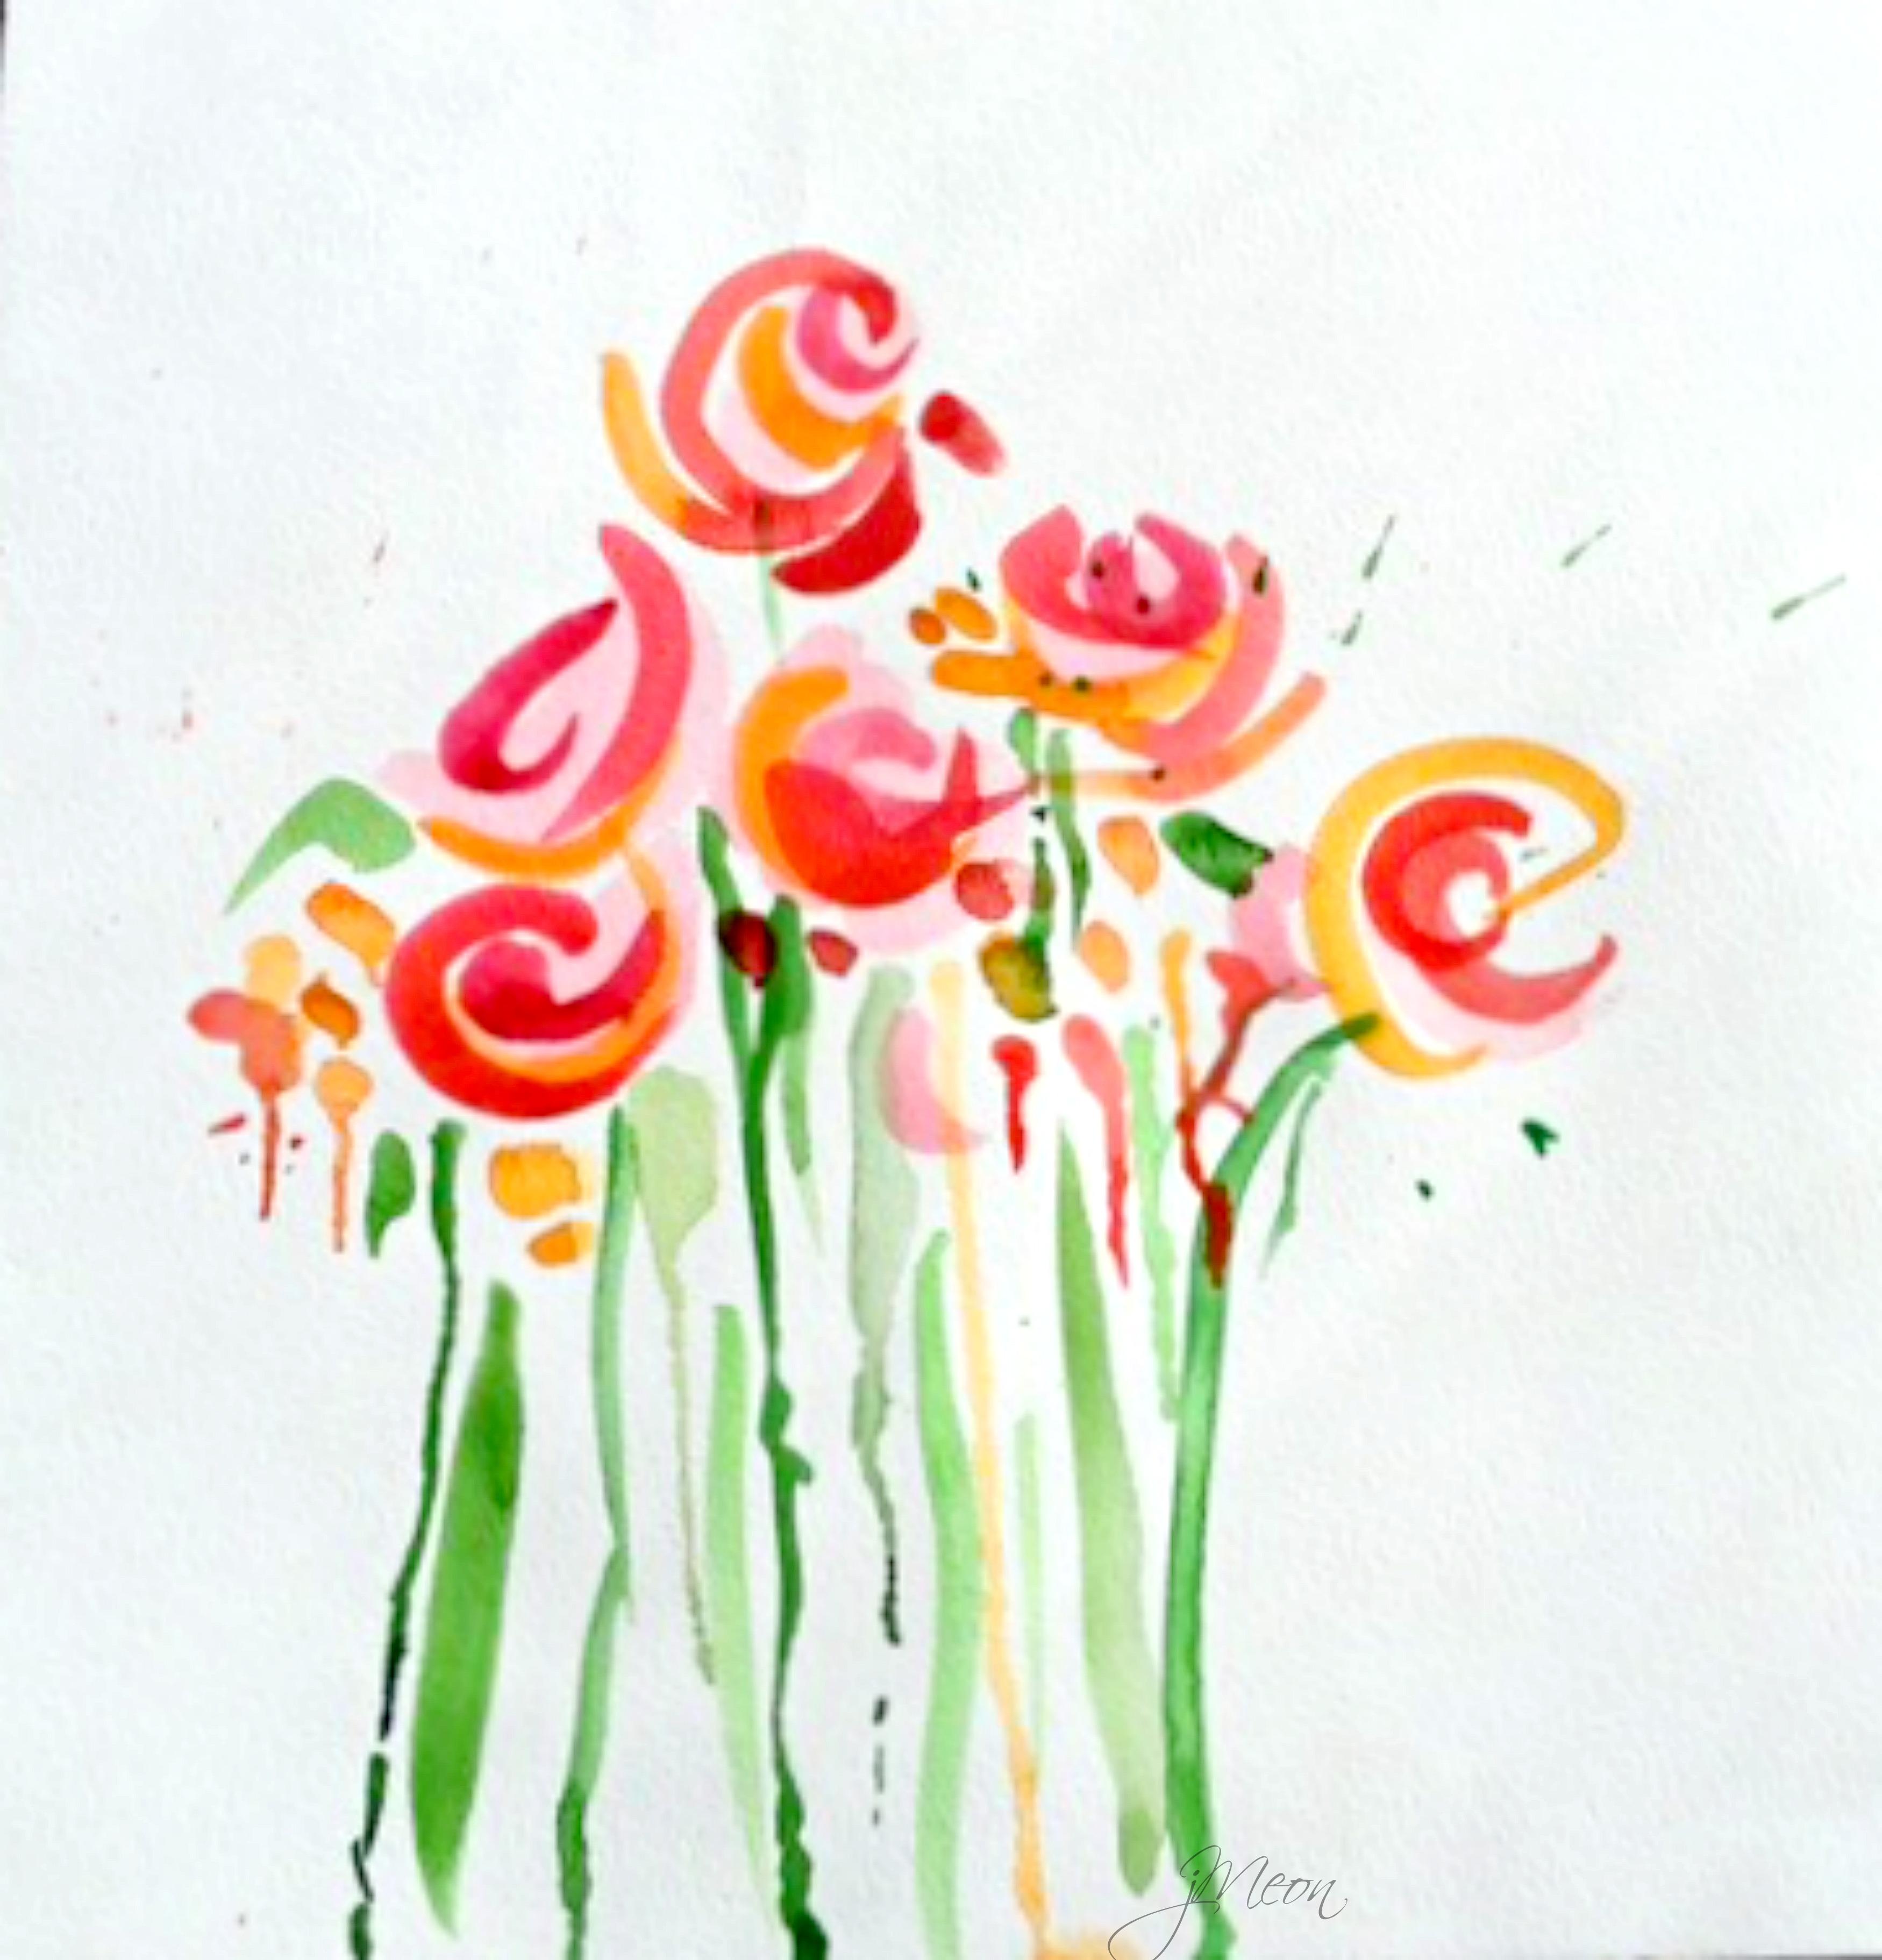 drippy-bouquet-4